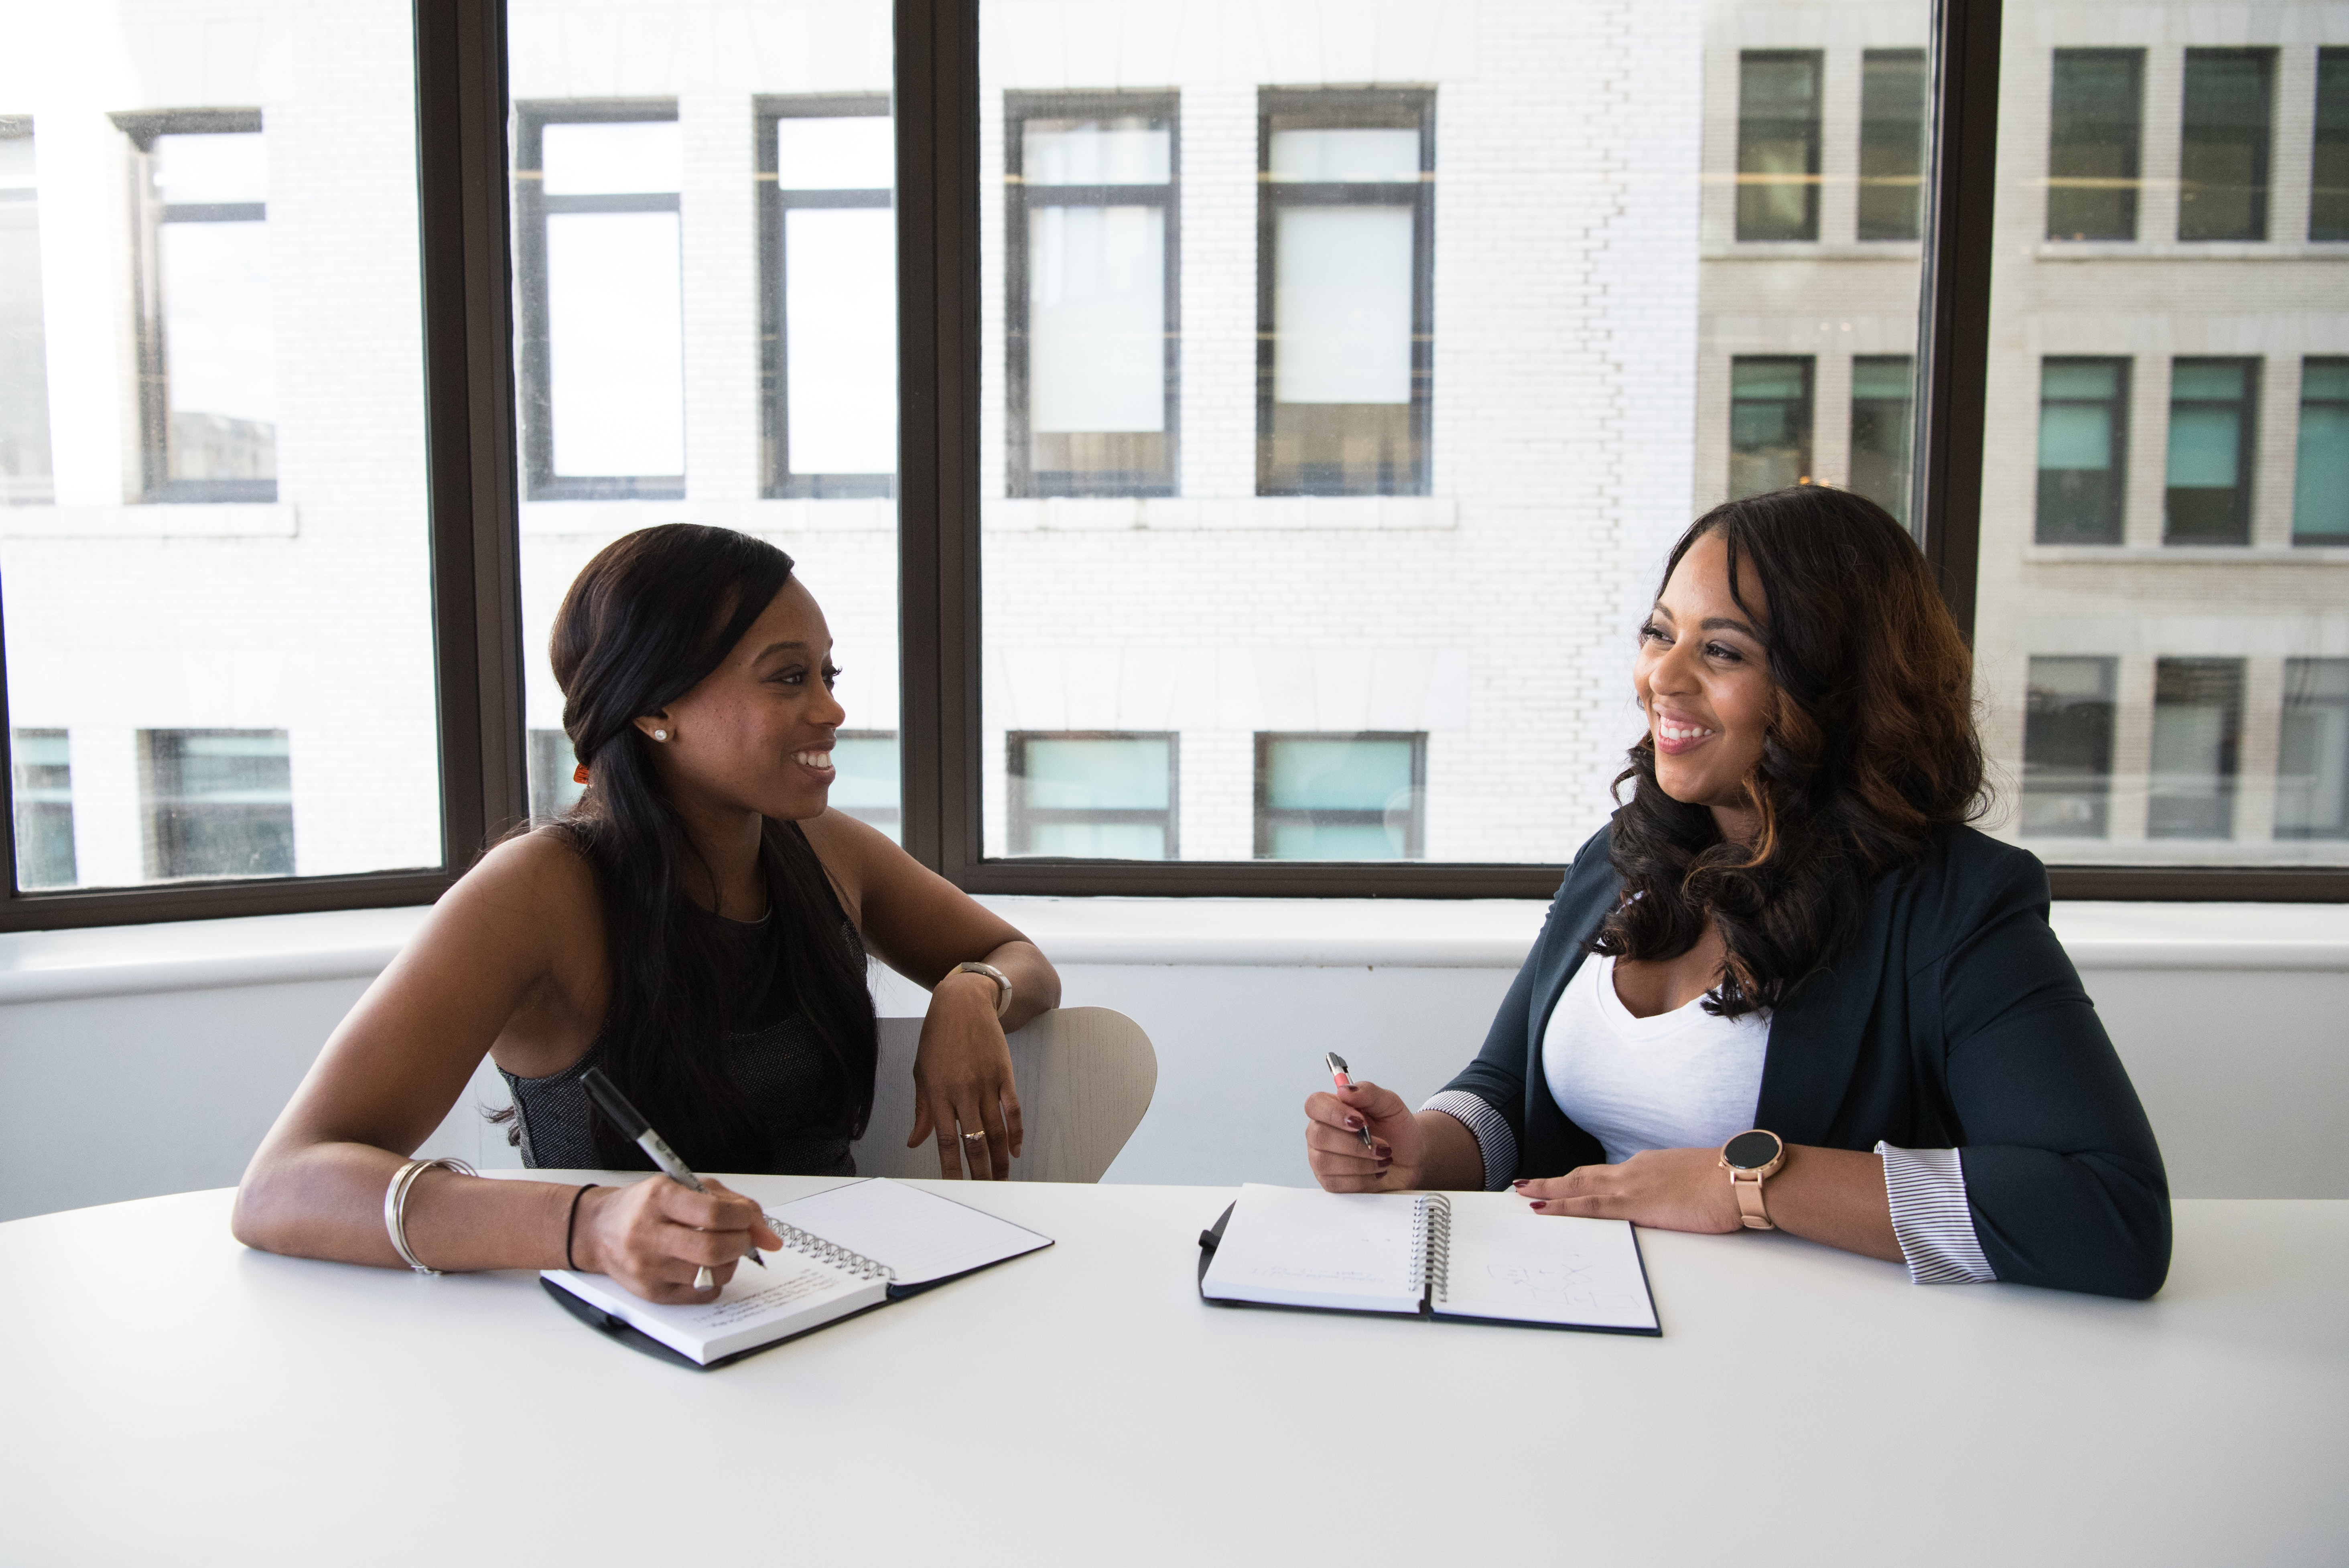 Vragen en luisteren: vijf communicatiemaatregelen